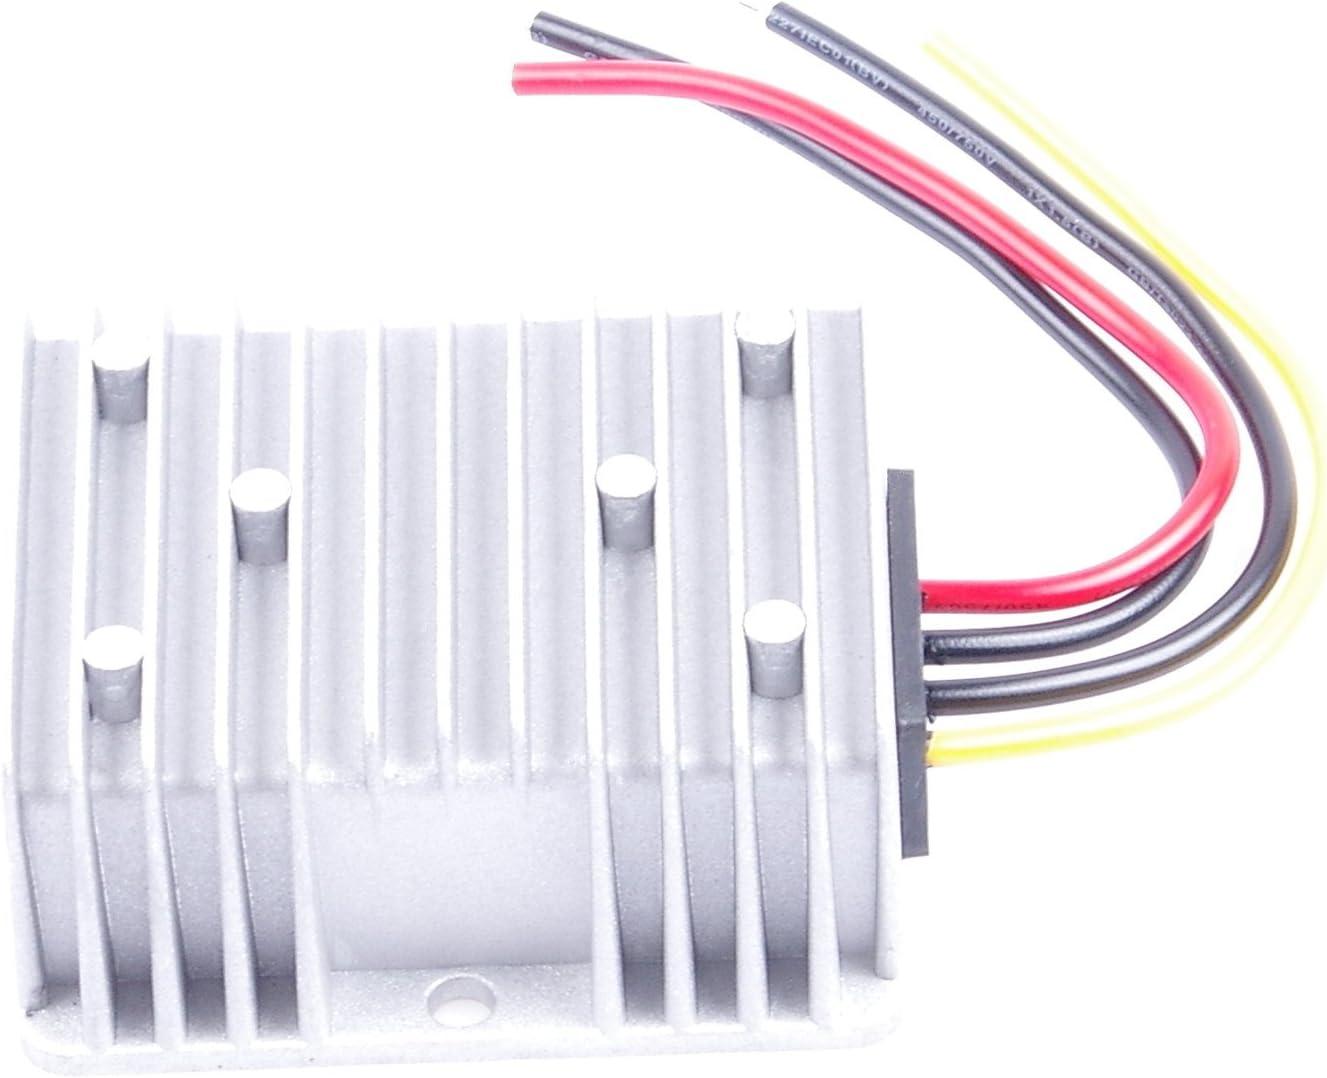 To 12V DC-DC Waterproof Boost Converter Automatic Step Down Voltage Regulator Module Car Power Supply Voltage Transformer With 4 Wires , OUT 12V 10A 20-75V 20-75V IN DC 60V KNACRO 24V 36V 48V 60V